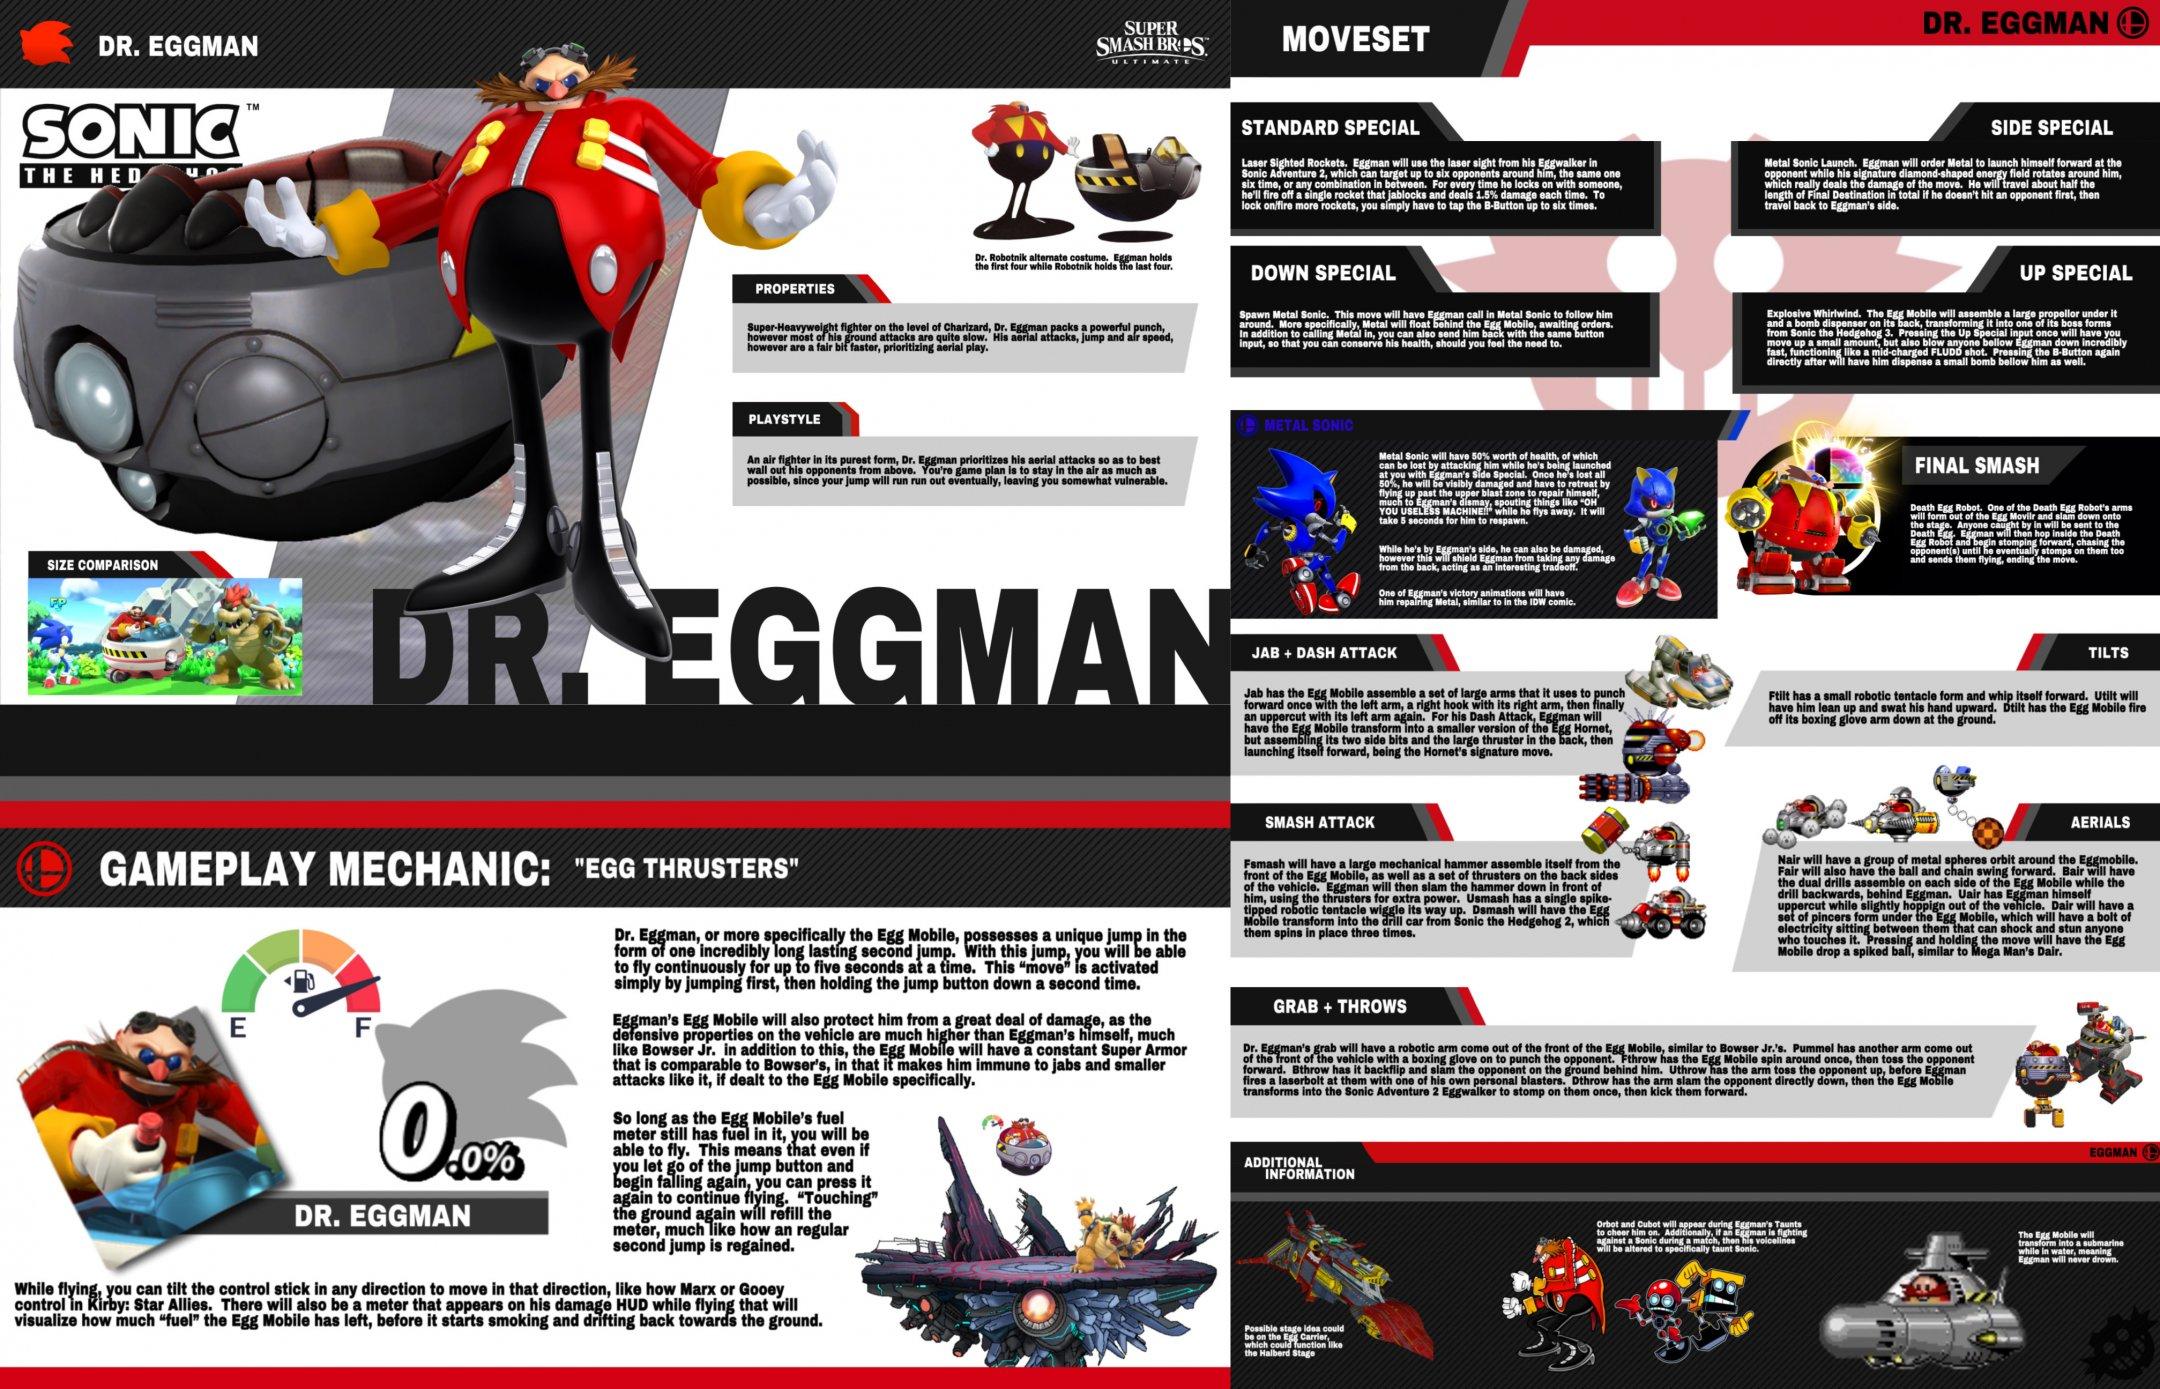 Dr. Eggman Moveset.jpg